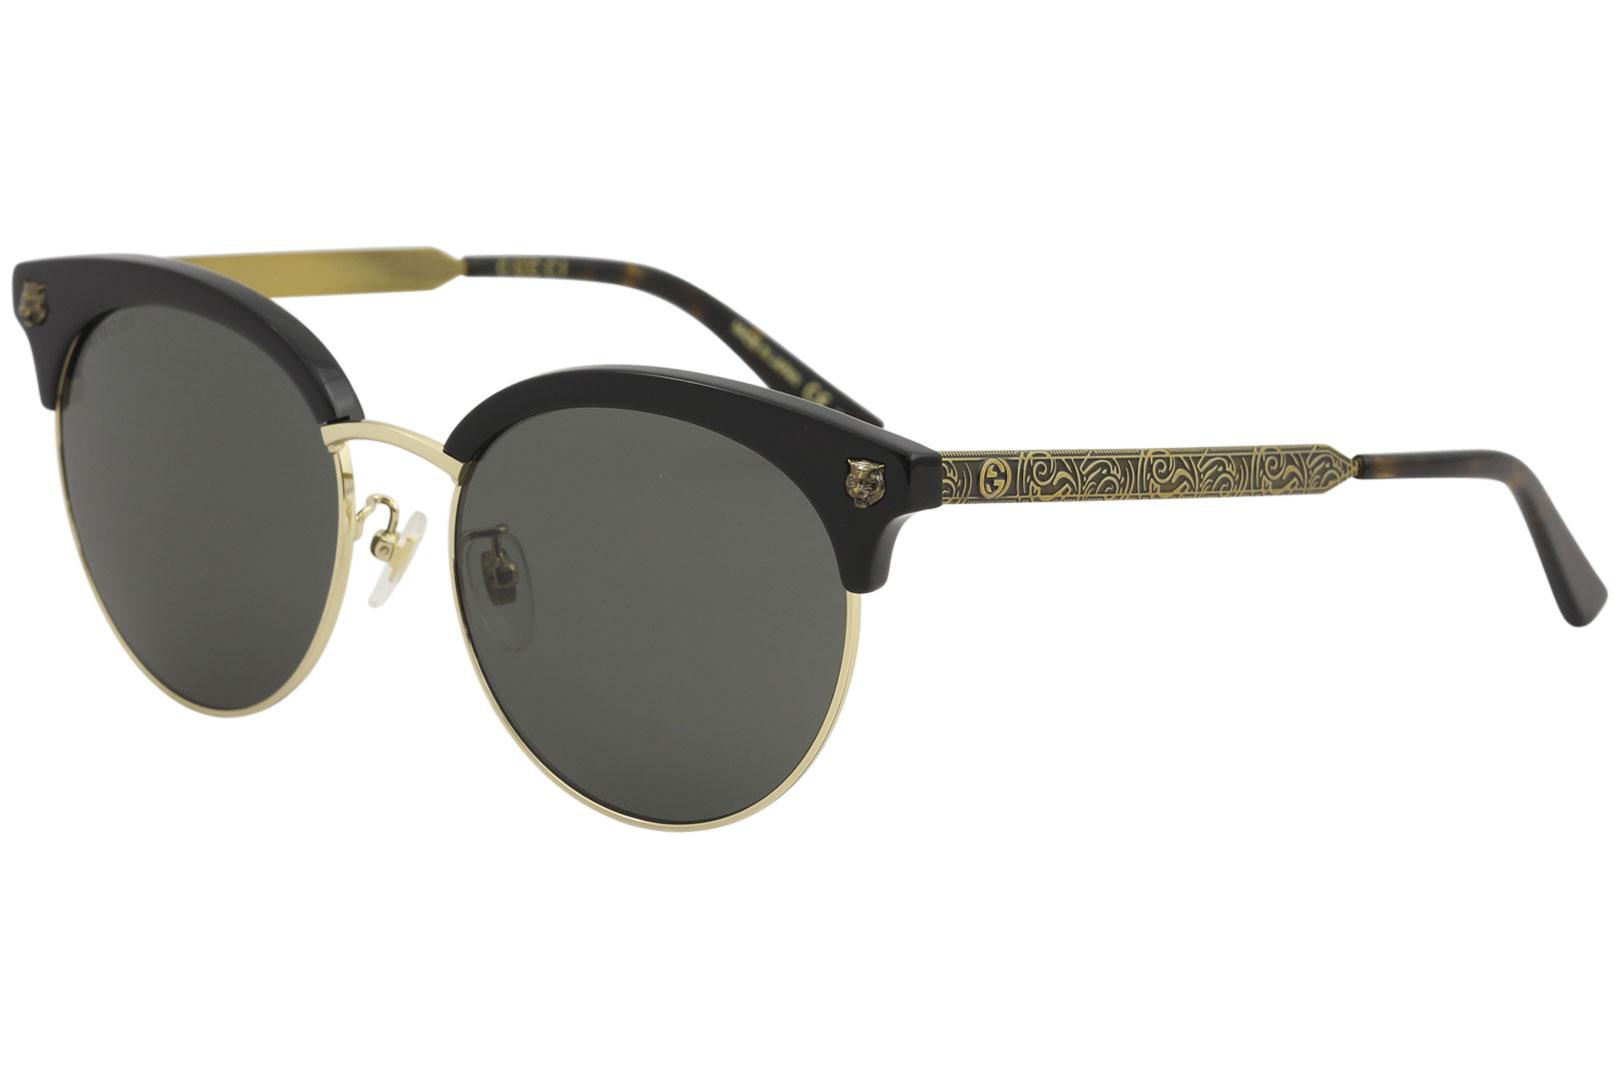 79a6d82c3f Gucci Women s GG0222SK GG 0222 SK 001 Black Gold Fashion Round ...